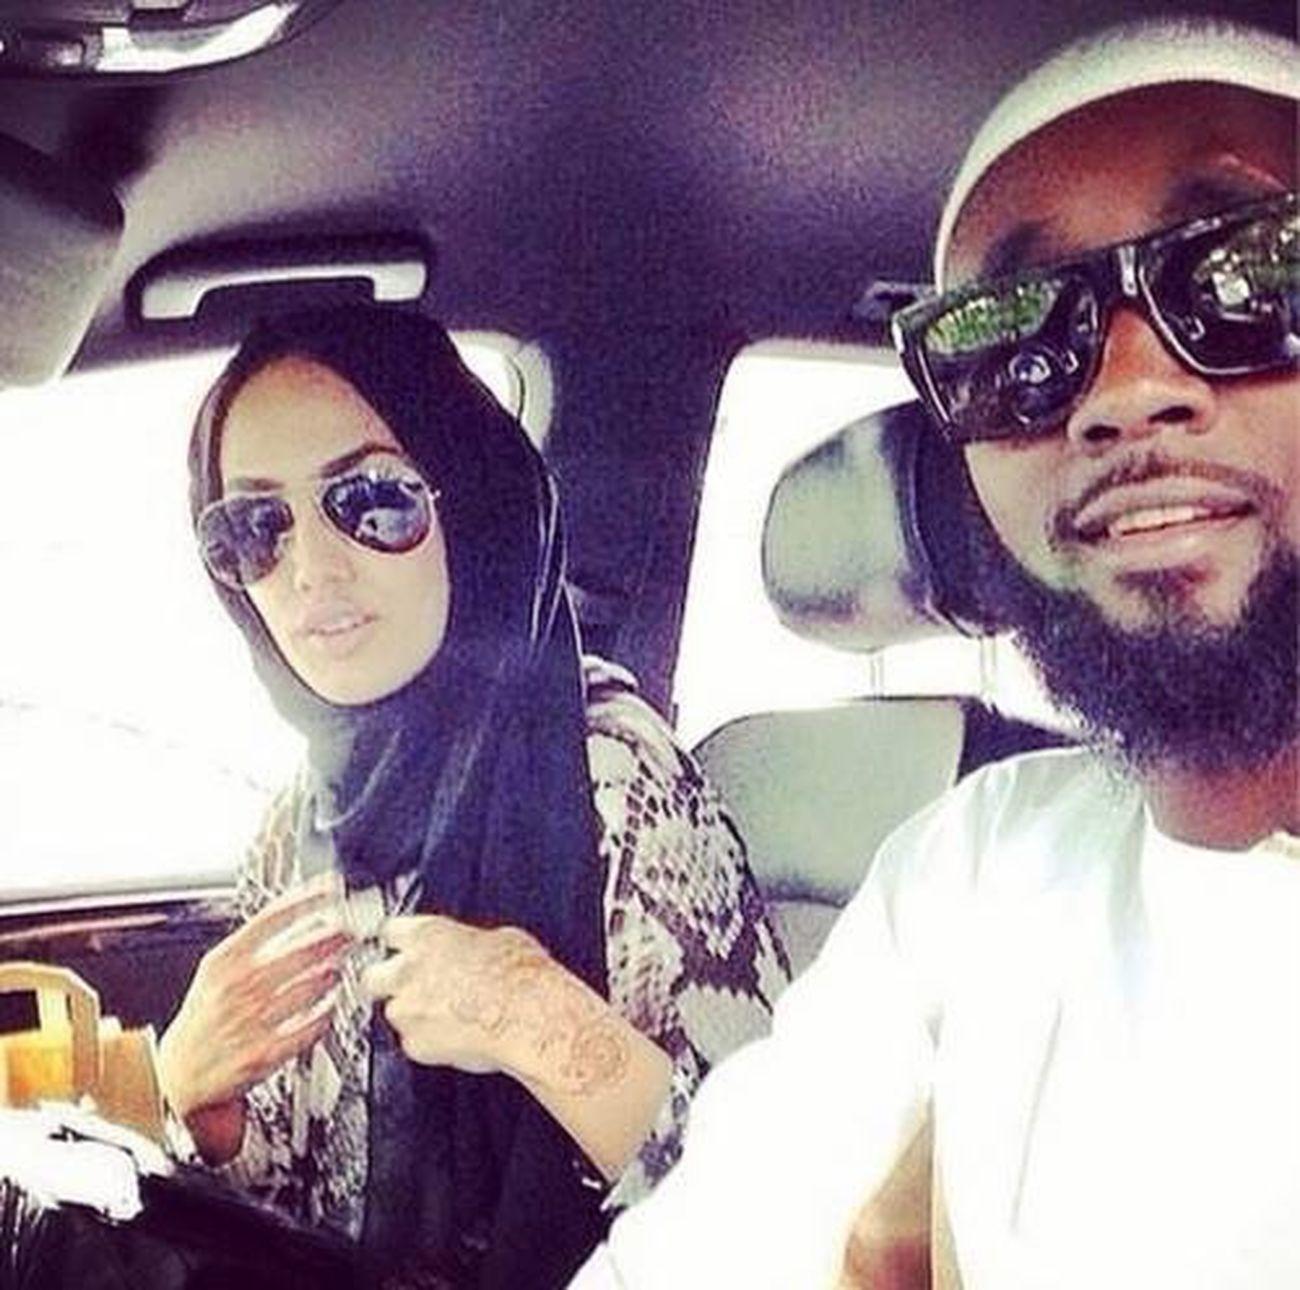 Muslim Black&arabia Noracism